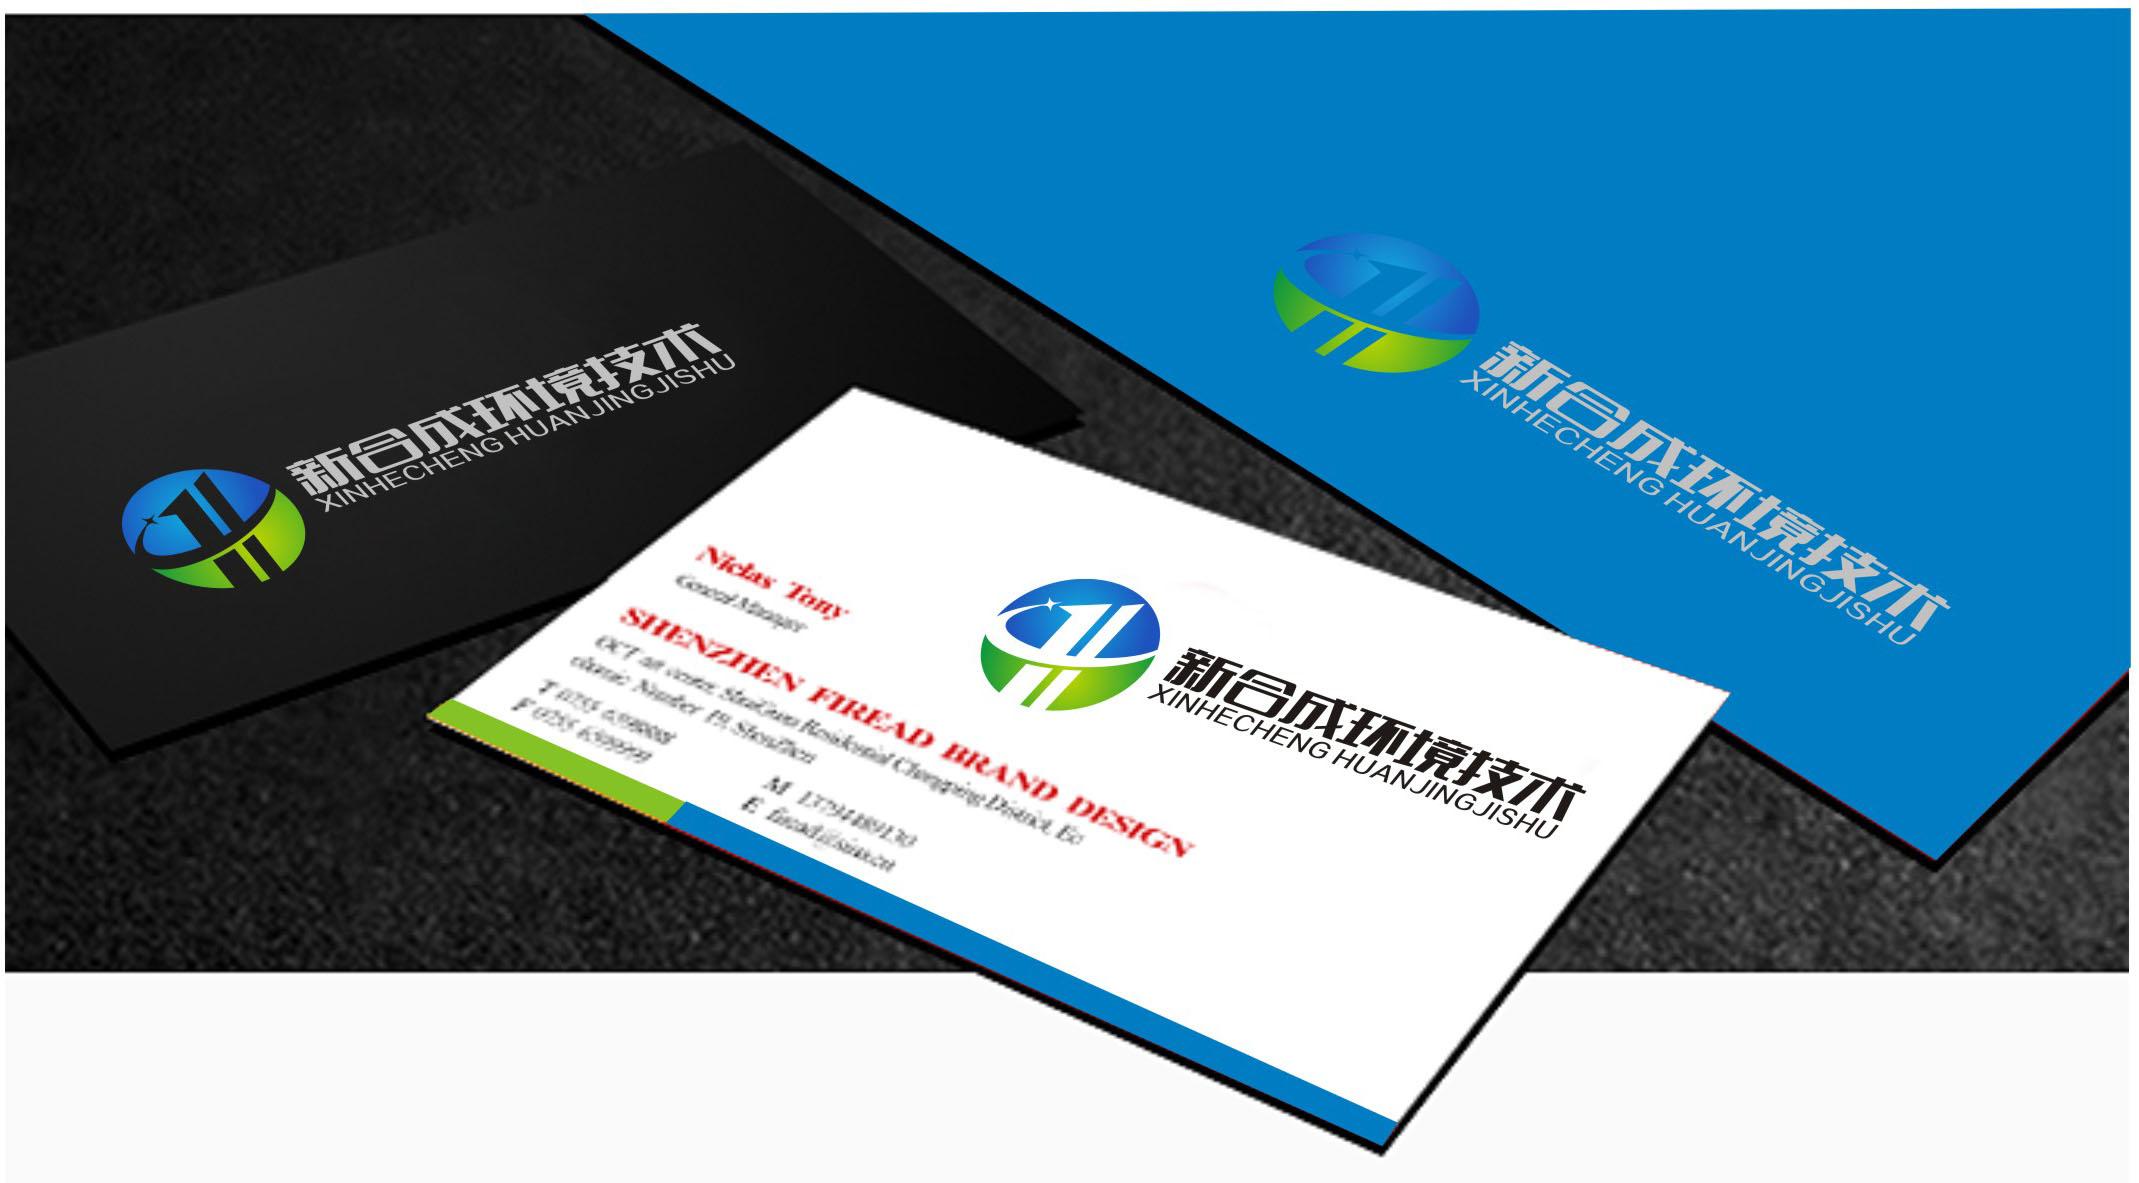 设计LOGO、公司名称字体及名片_3027155_k68威客网